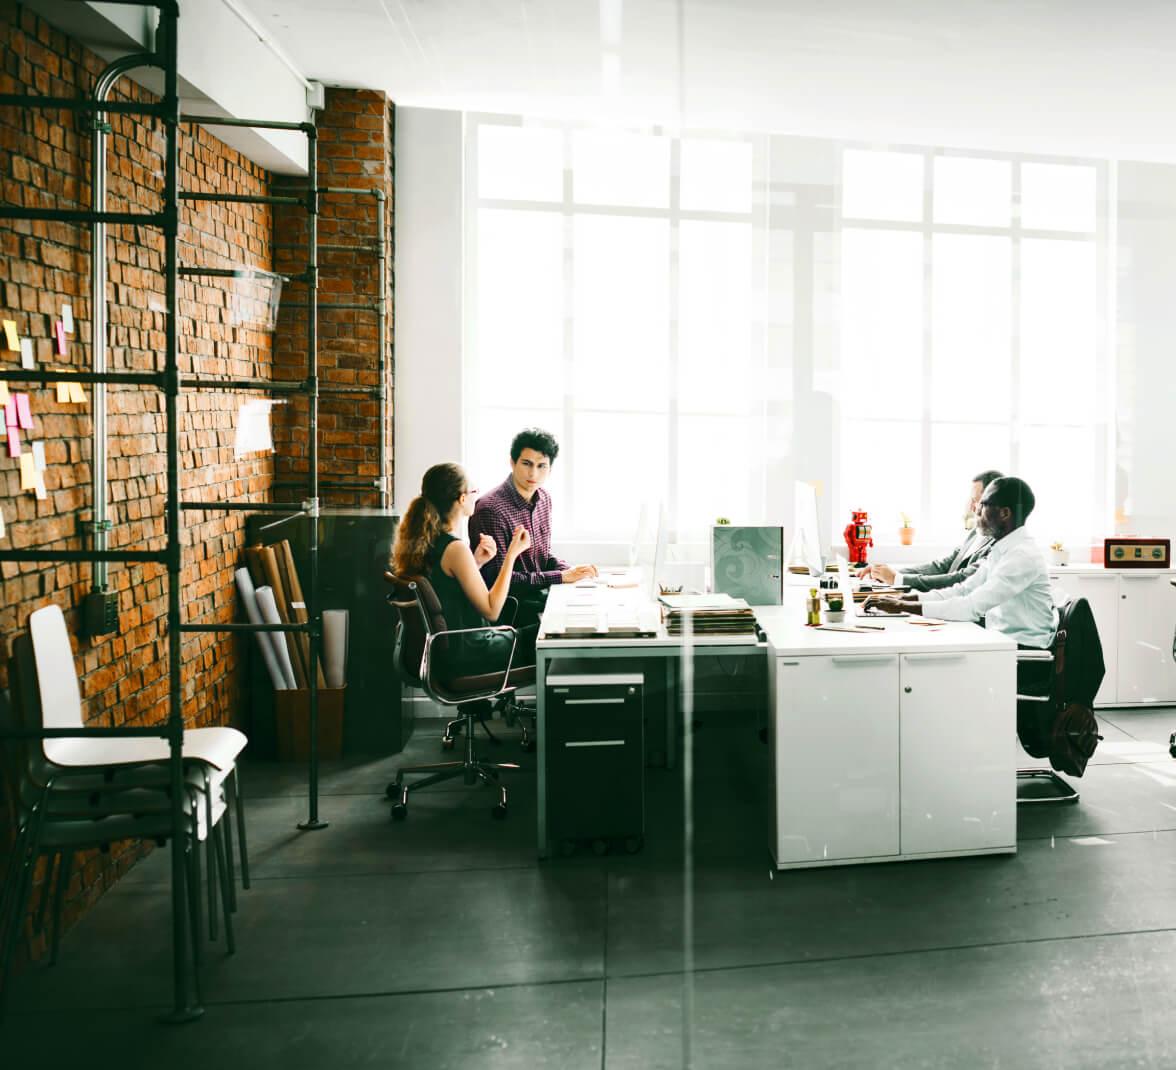 une équipe travaillant ensemble dans un bureau